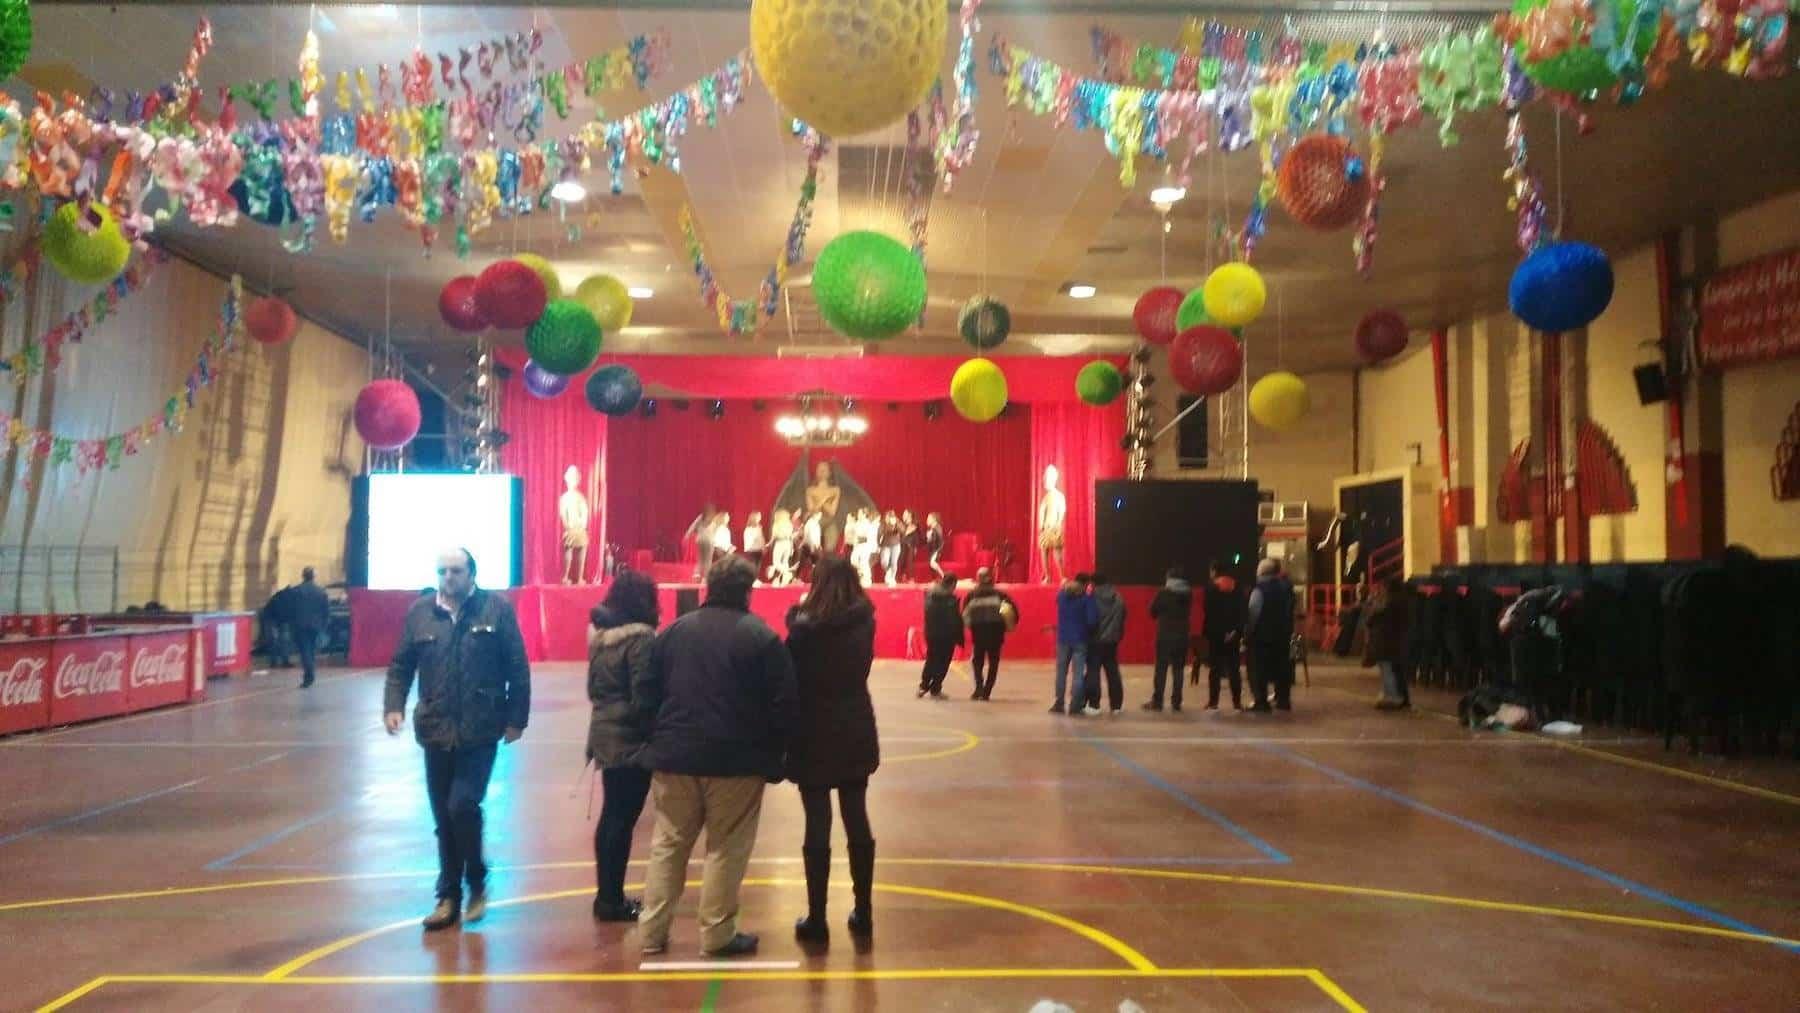 La inauguración del Carnaval de Herencia en directo por Facebook 5